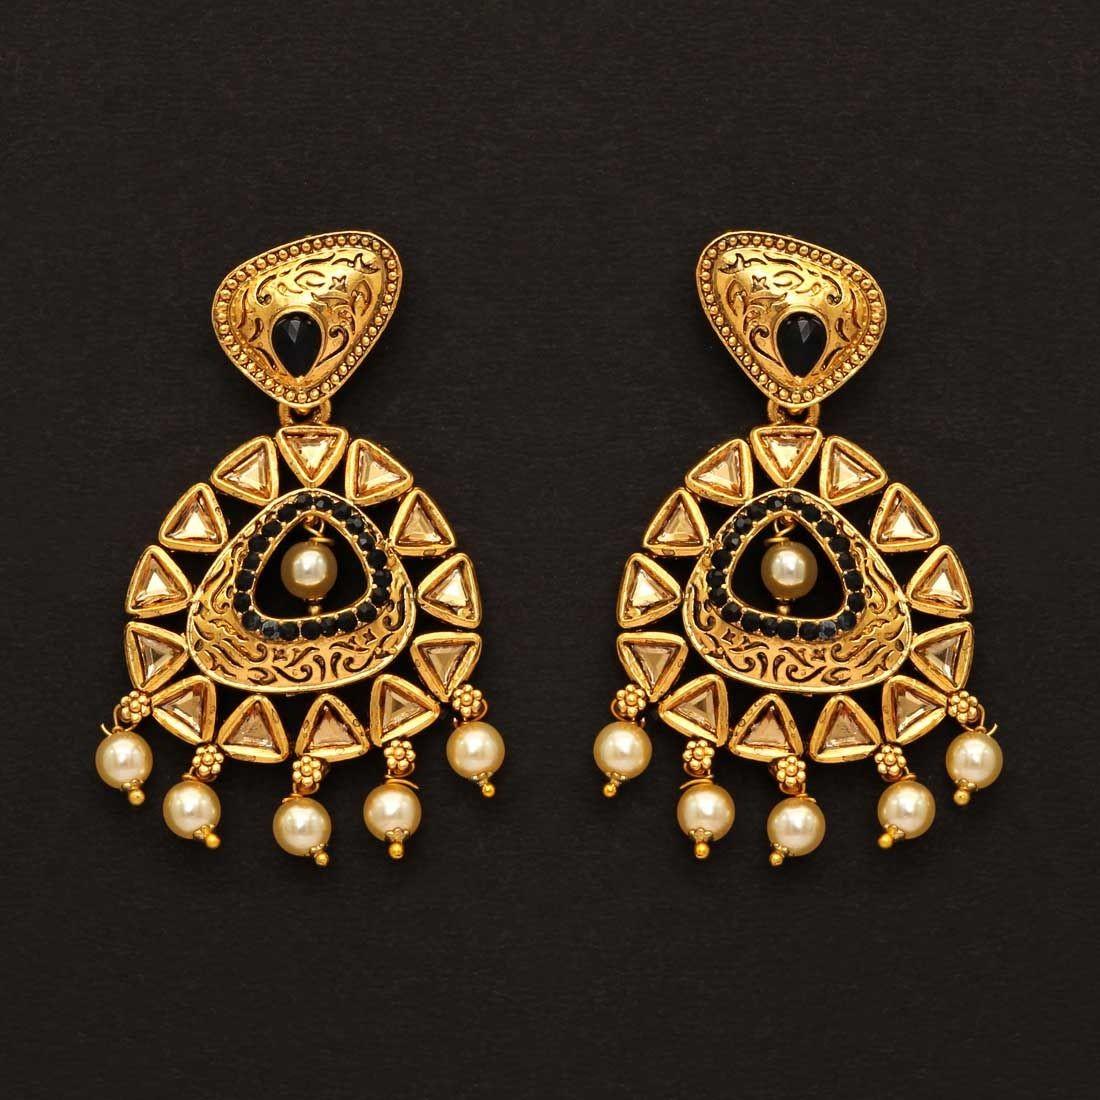 Pendientes dorados con perlas piedras negras